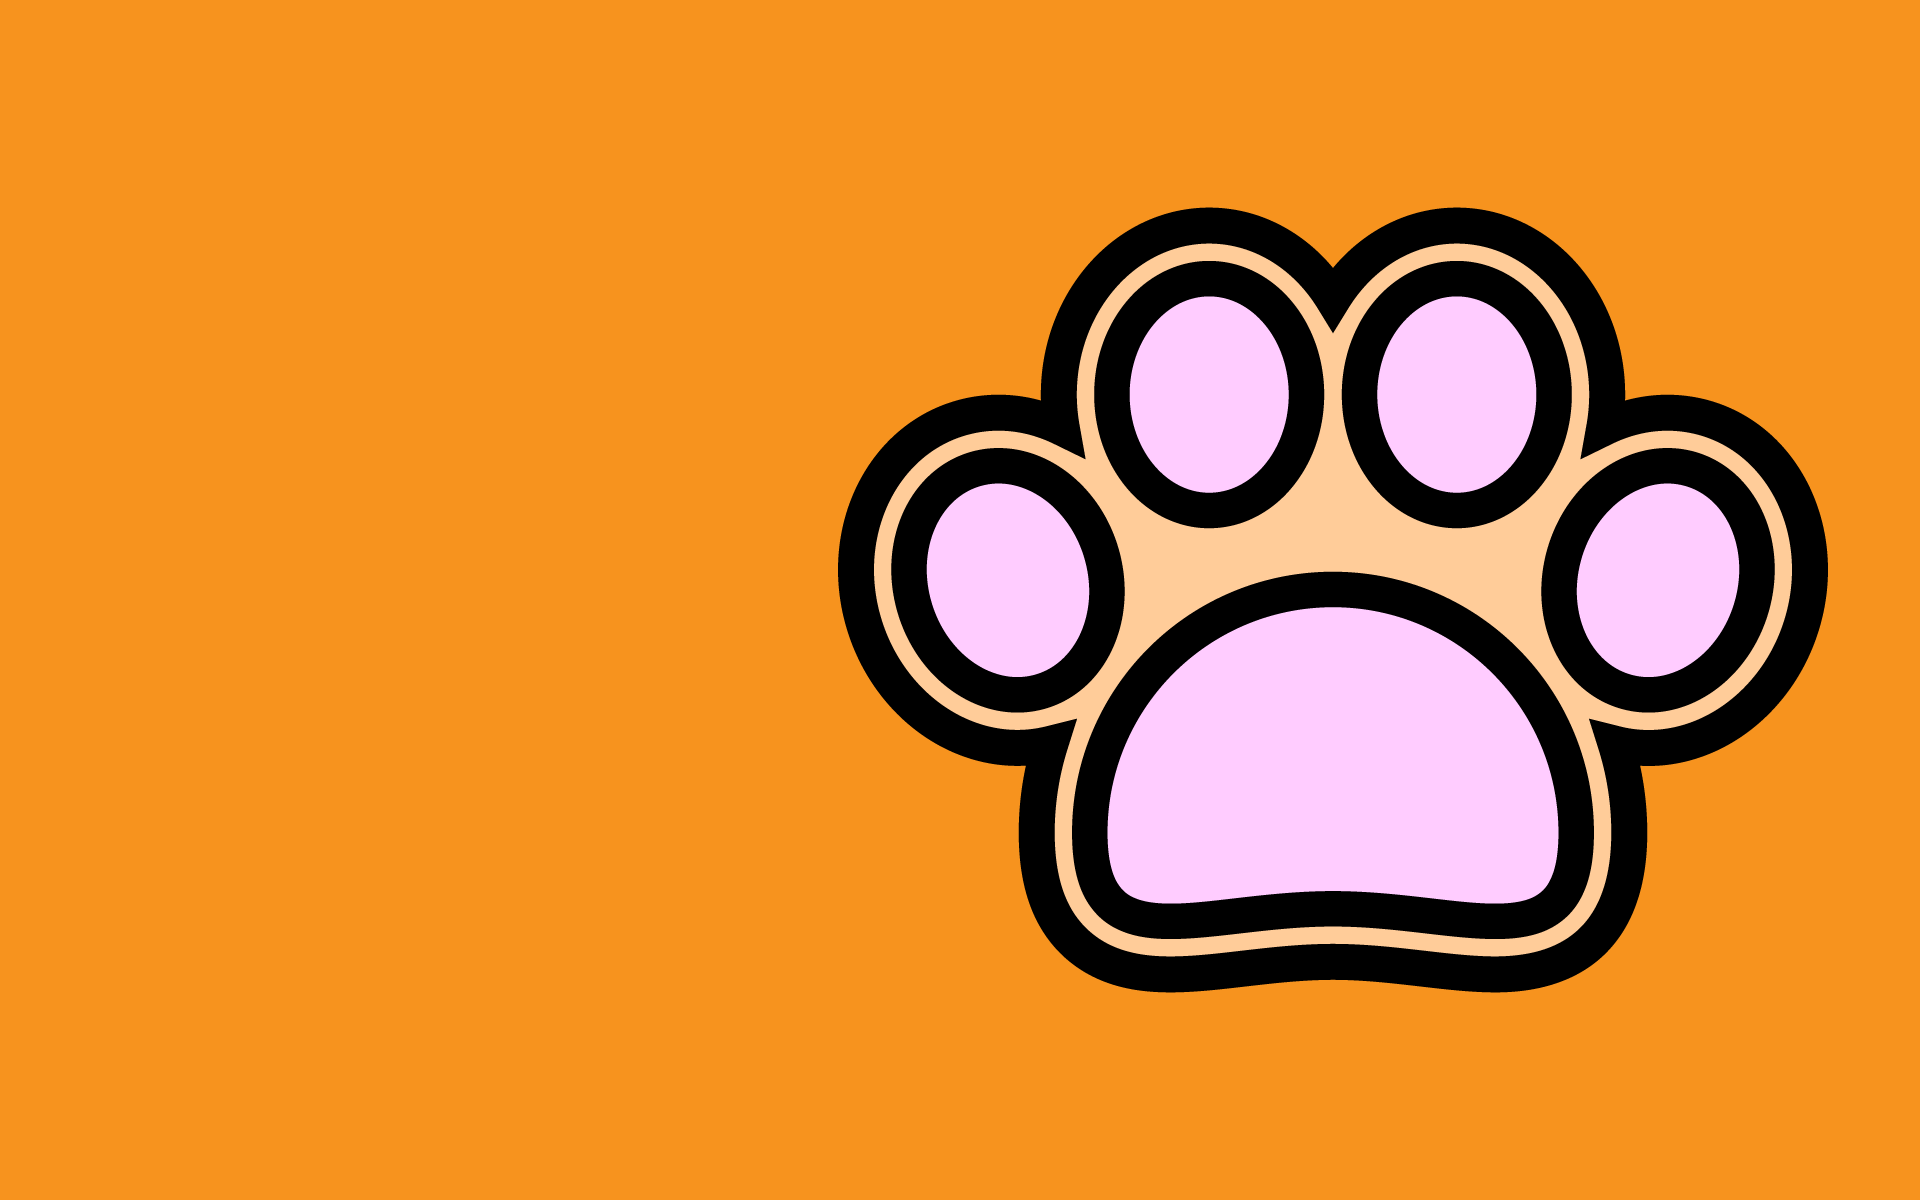 かわいい犬の肉球壁紙(PC)の無料イラスト・商用フリー